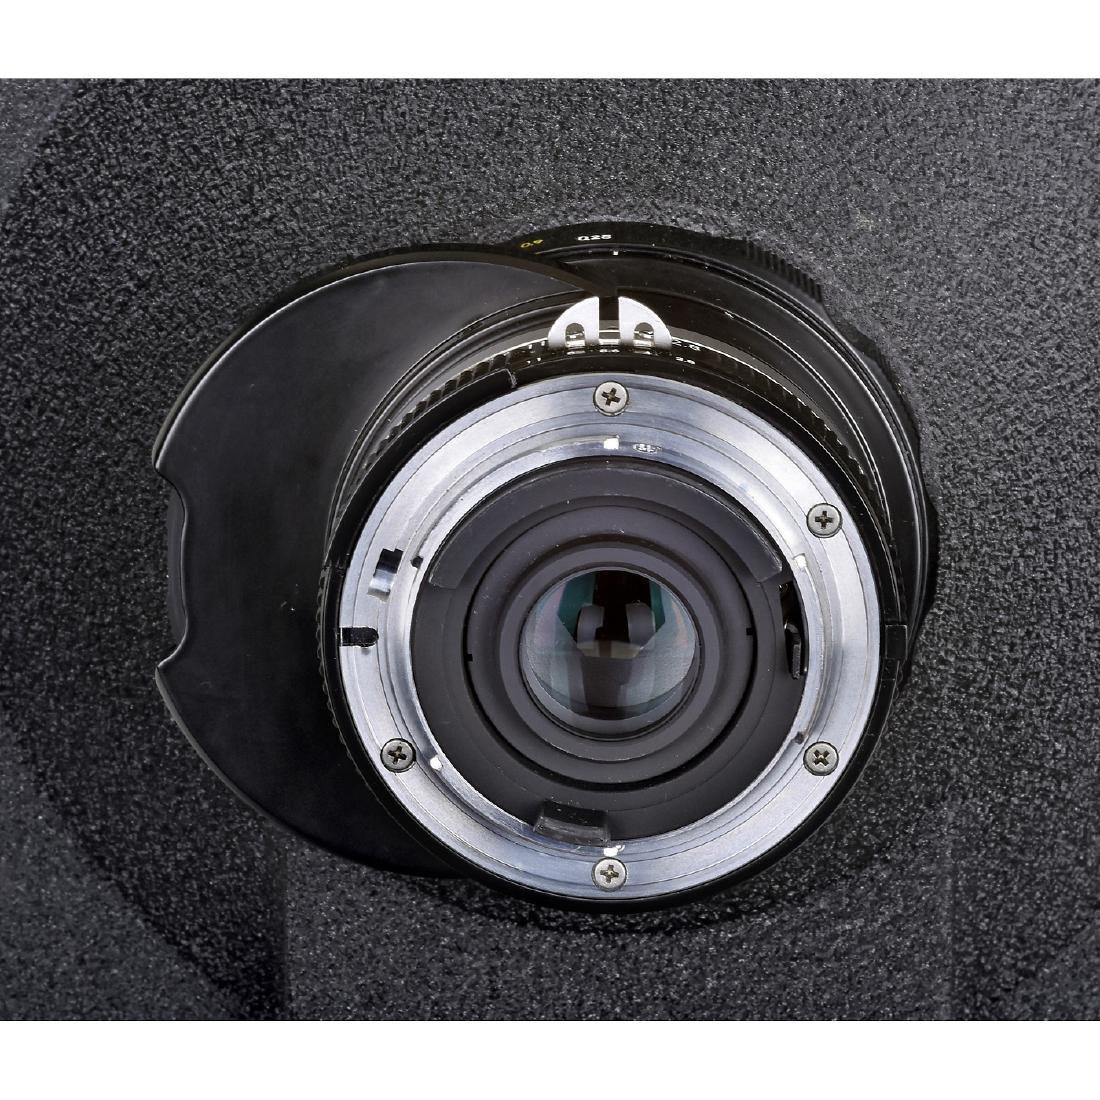 Nikon Fisheye-Nikkor 2,8/6 mm, AI-S, c. 1977 - 8